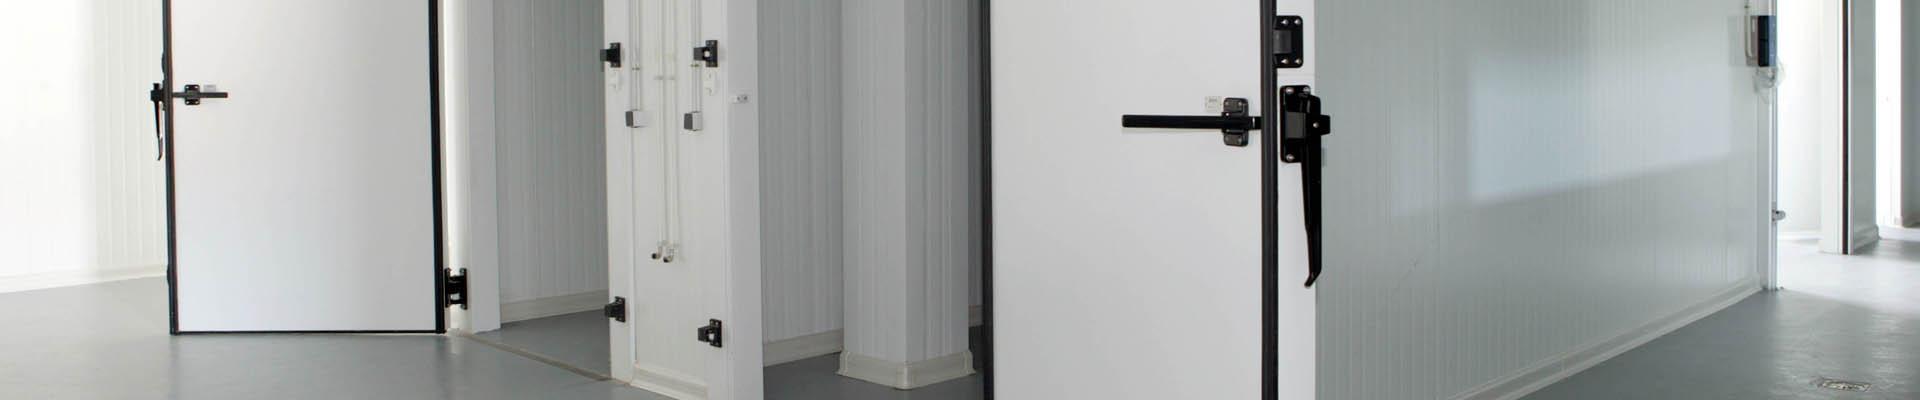 Cold-storage doors